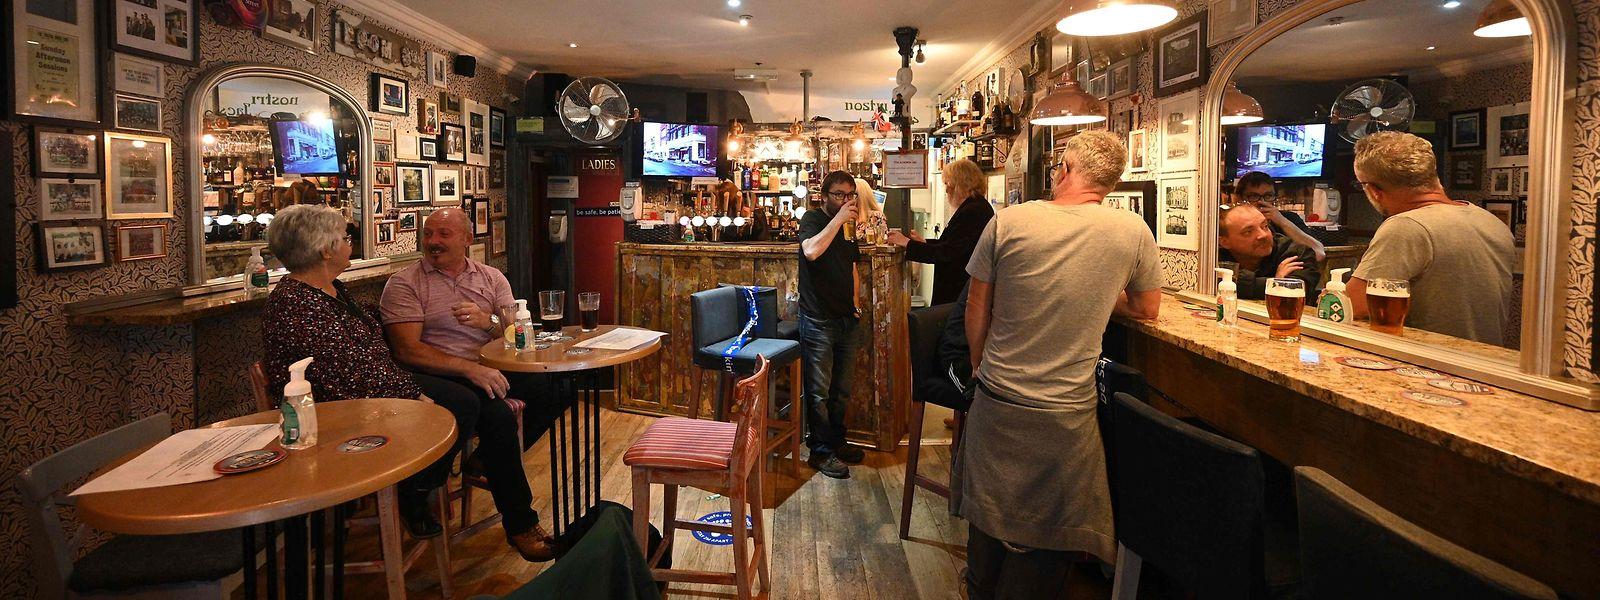 Die Pubs sind wieder geöffnet.